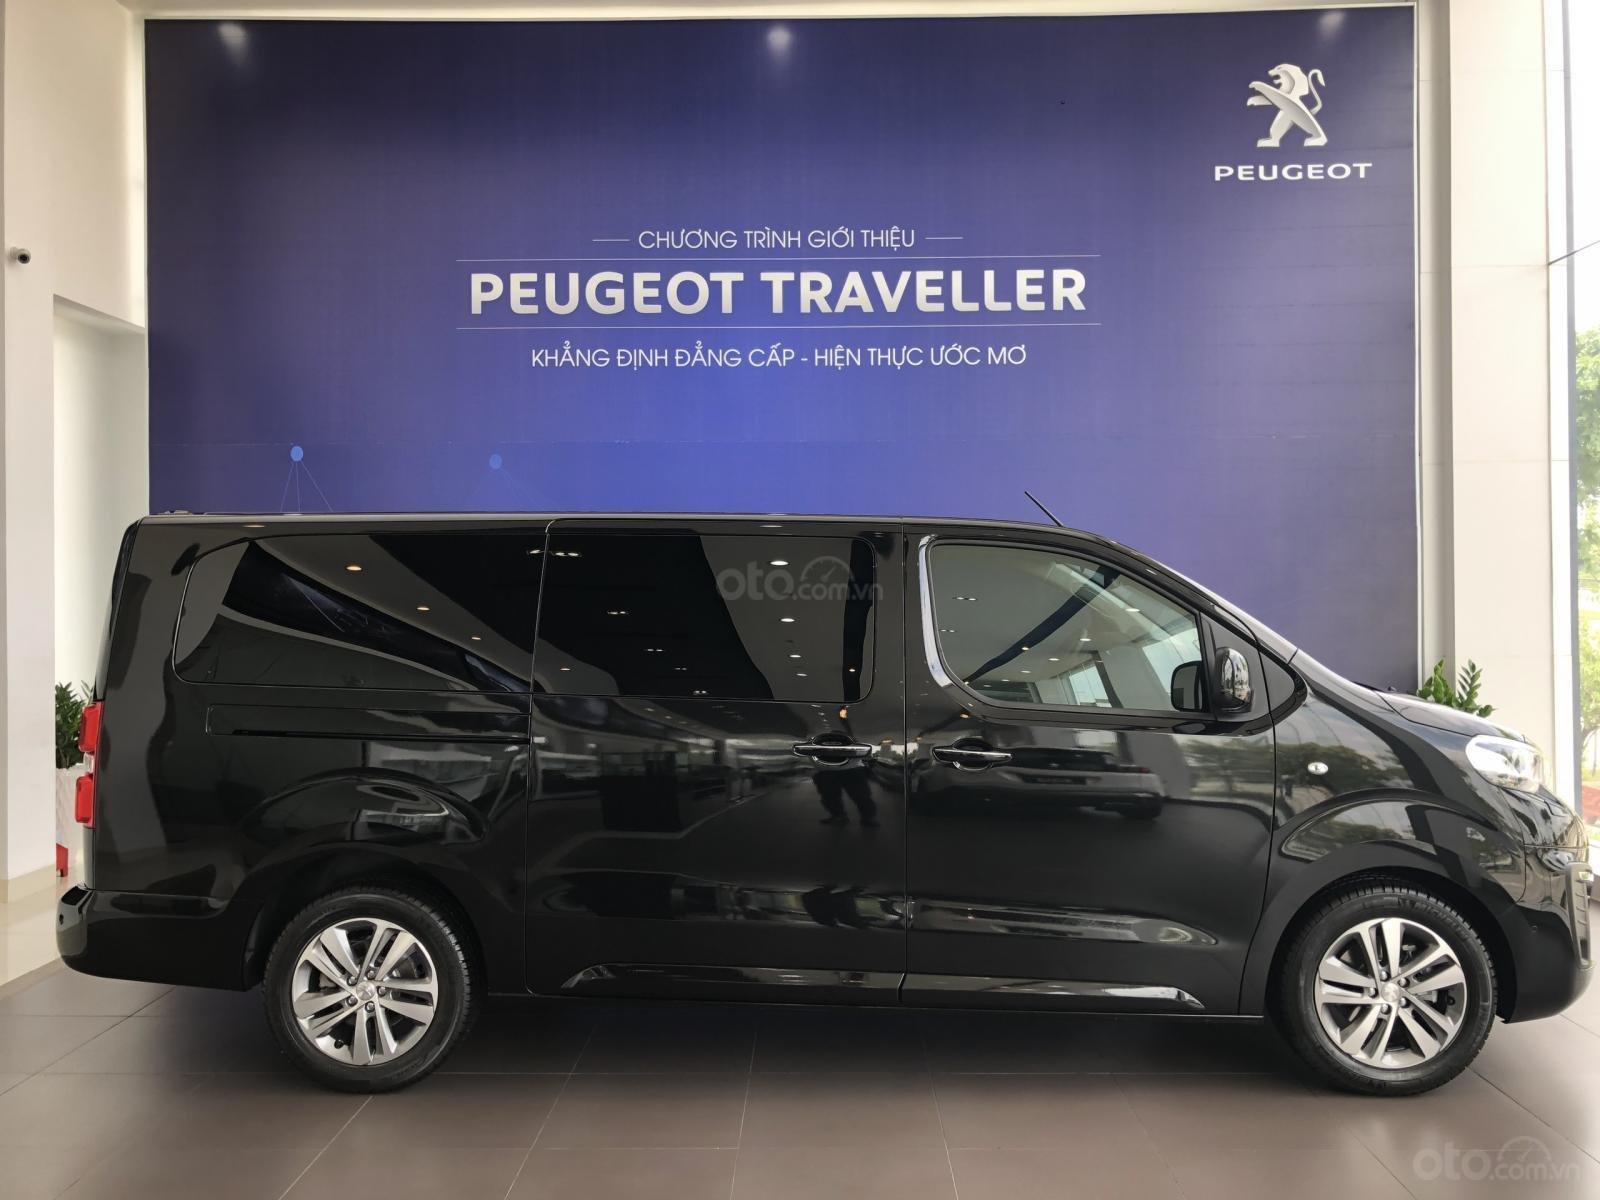 MPV Peugeot Traveller Luxury 7 chỗ - Hỗ trợ trả góp 80%, 500tr lấy xe ngay (3)